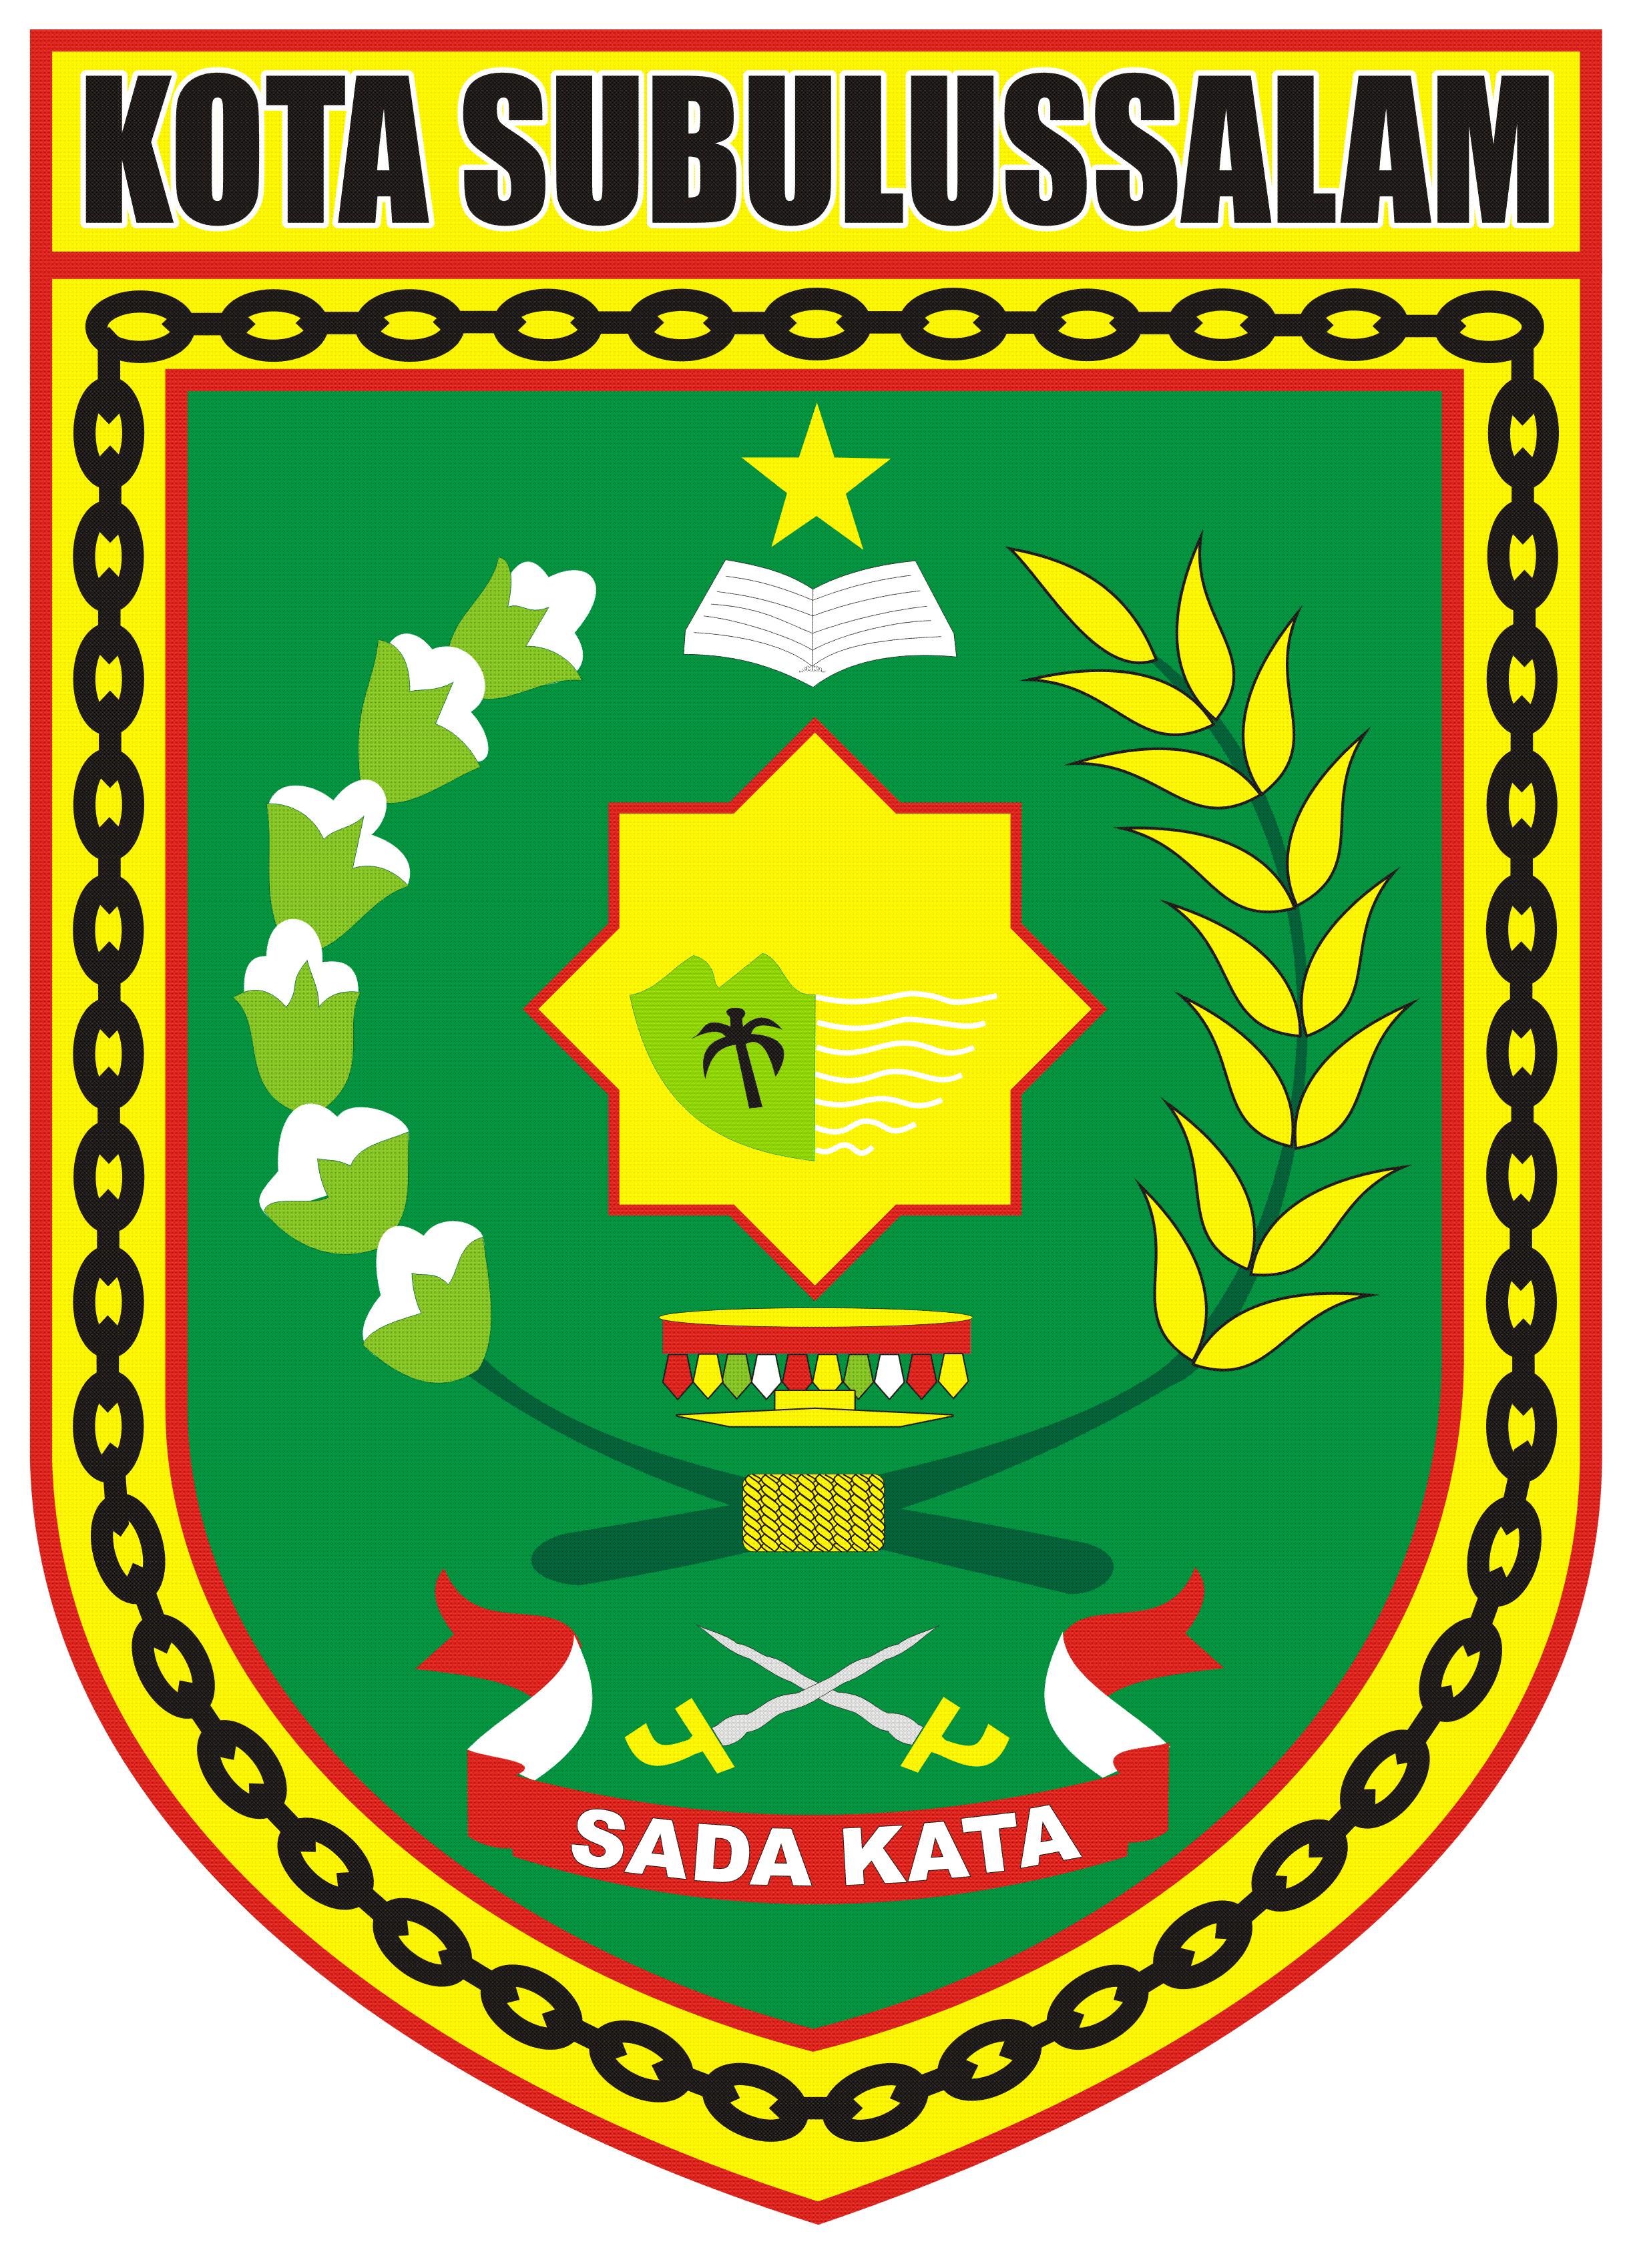 Kota Subulussalam Kota Indonesia